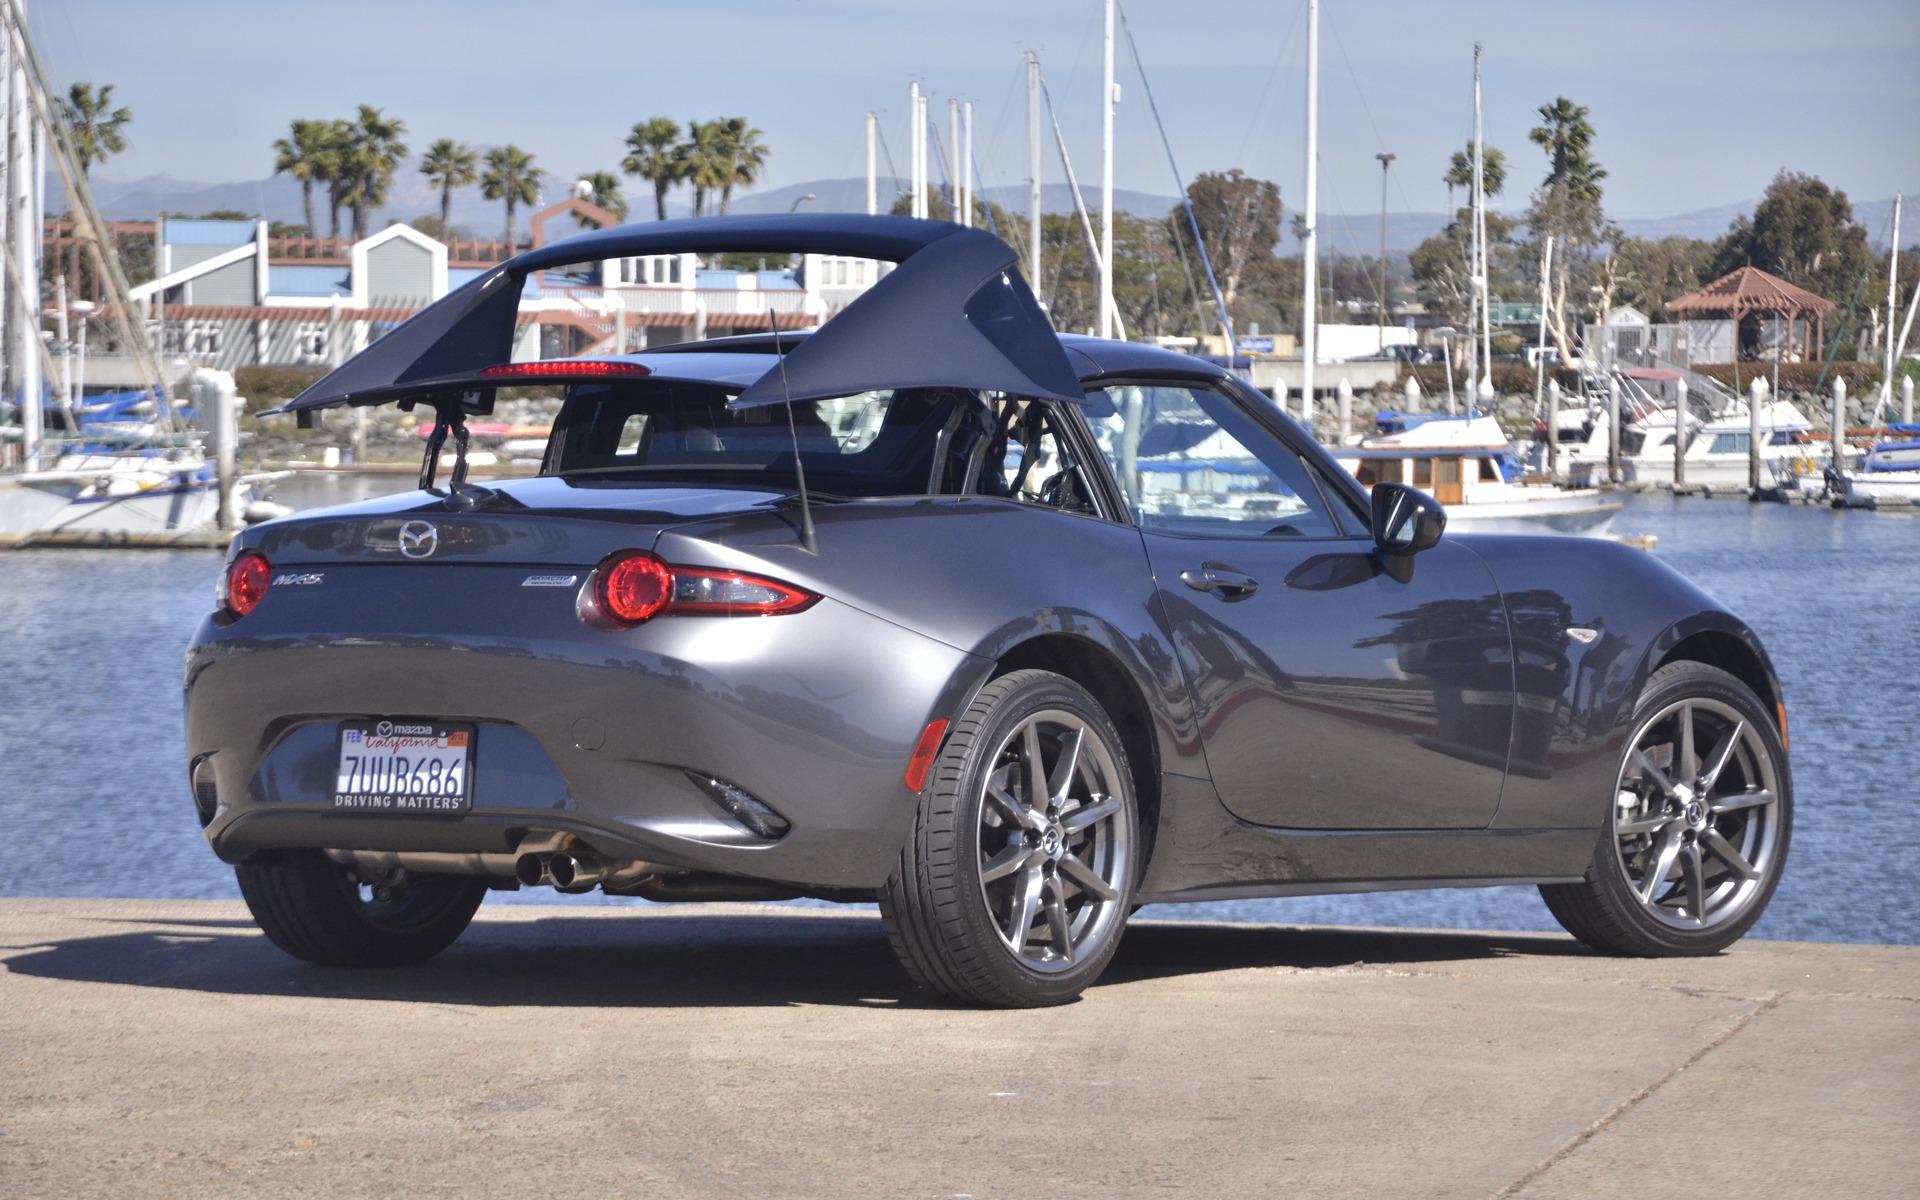 2017 Mx 5 Rf >> 2017 Mazda MX-5 RF: New Roof, New Ambitions - 6/24